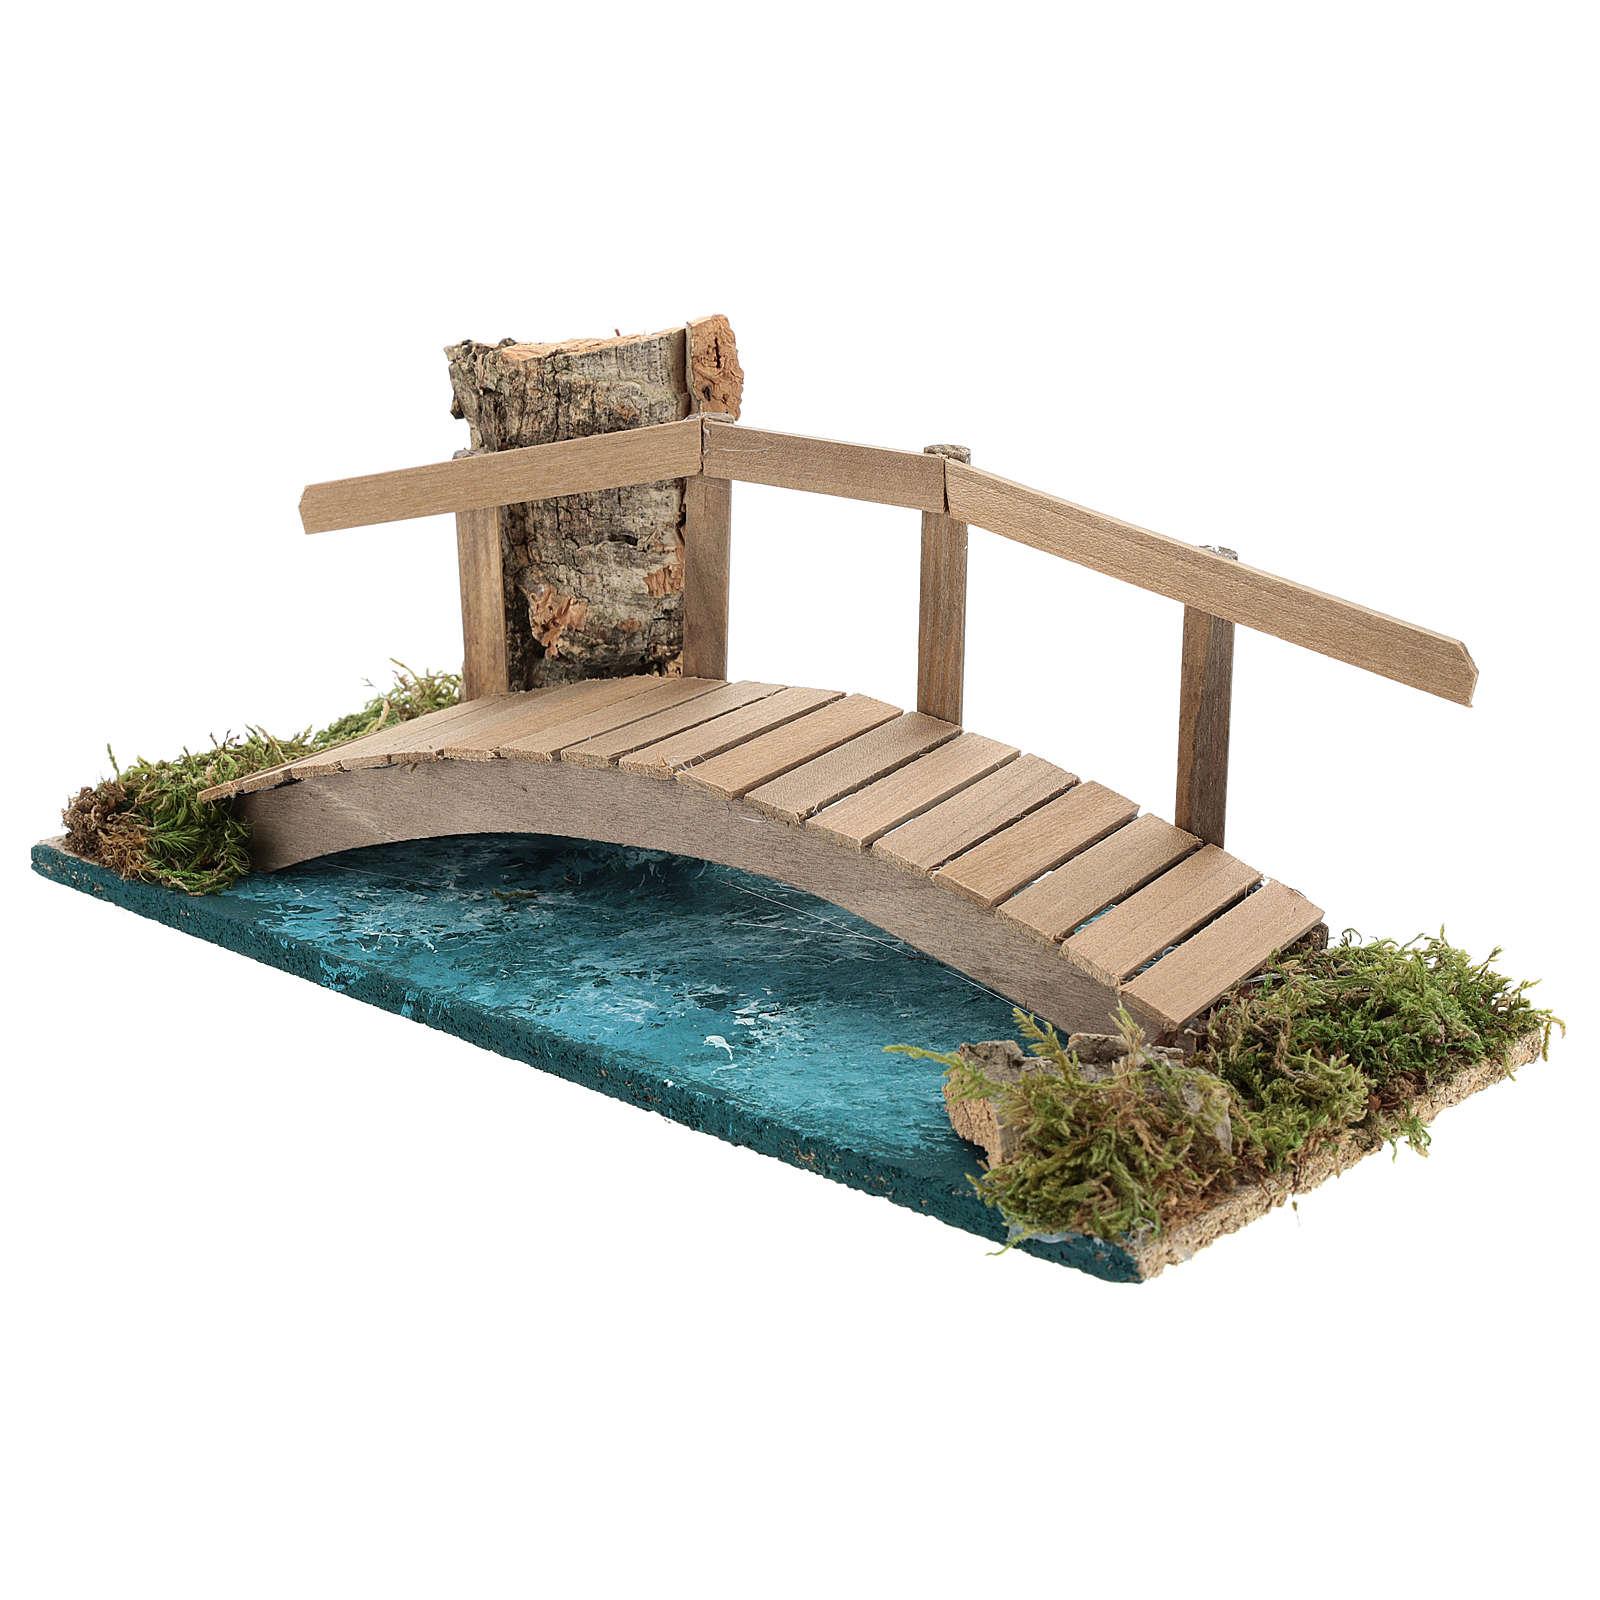 Ponte con ringhiera 10x25x10 cm ambientazione presepe 6-8 cm 4